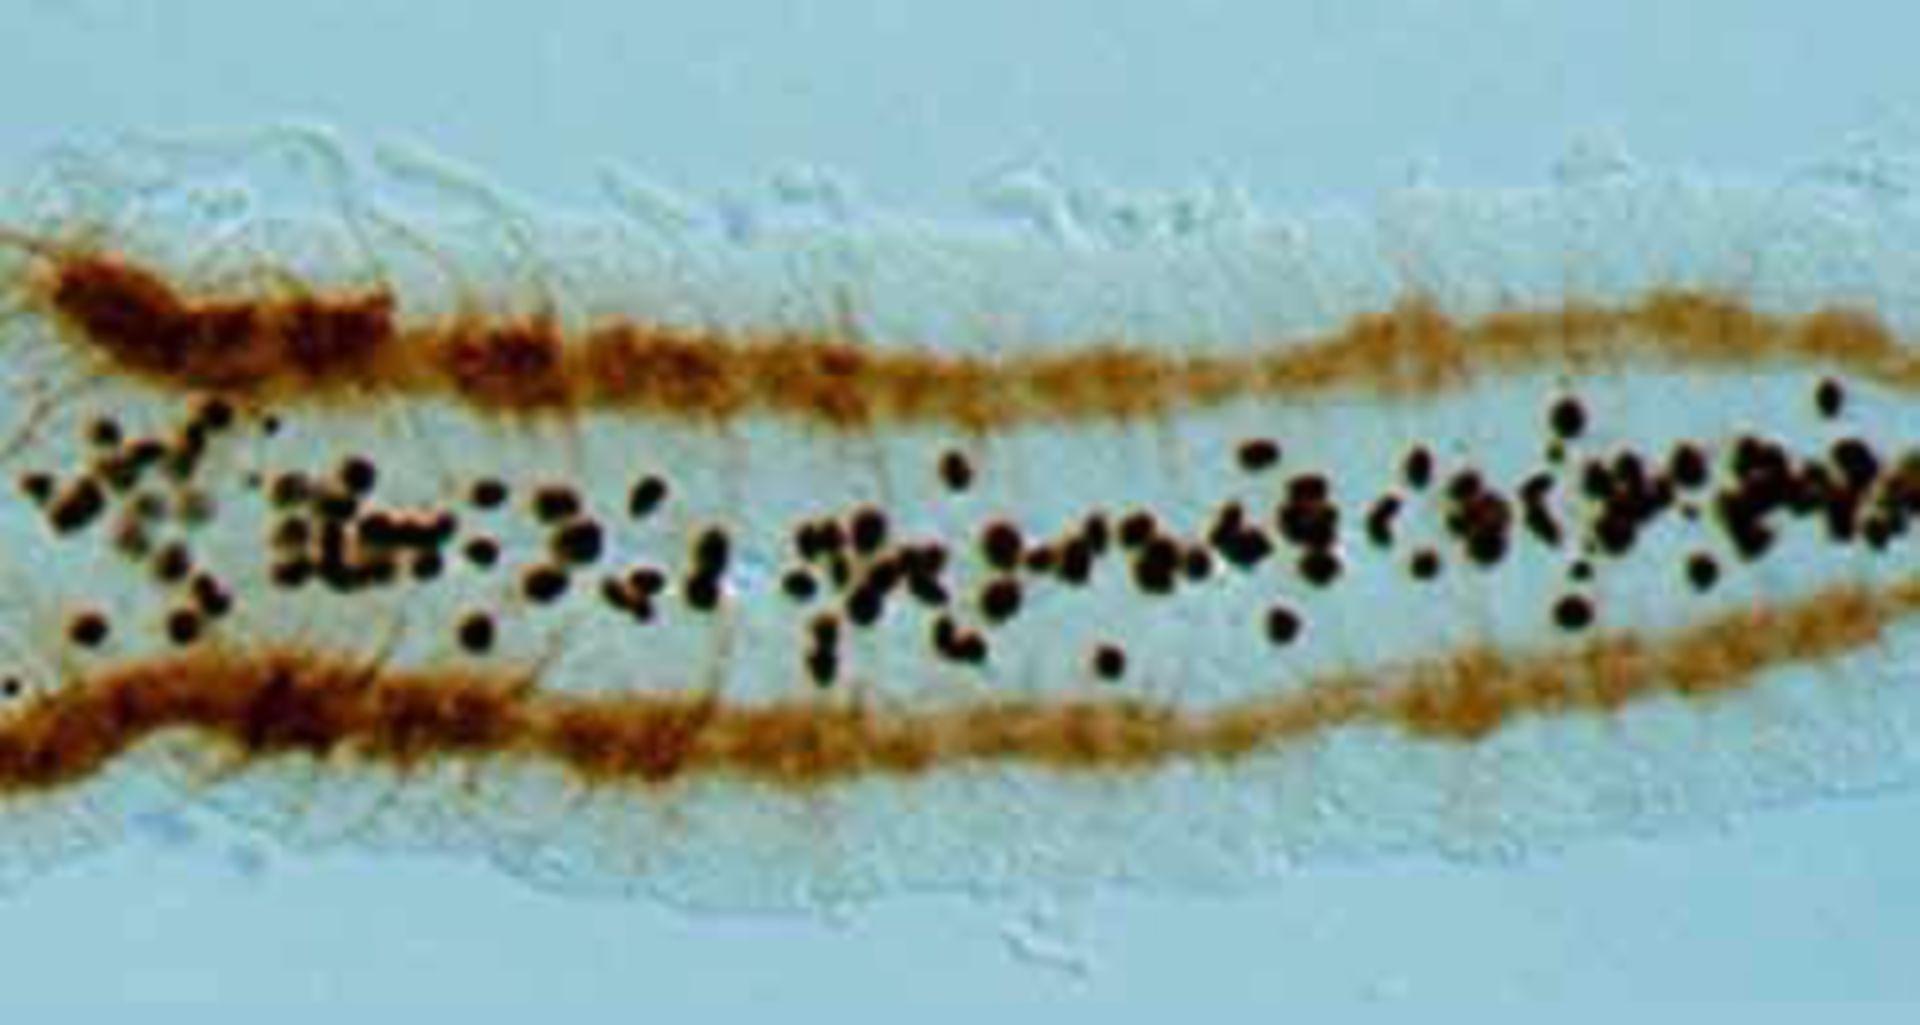 Drosophila melanogaster (Glial cell) - CIL:179